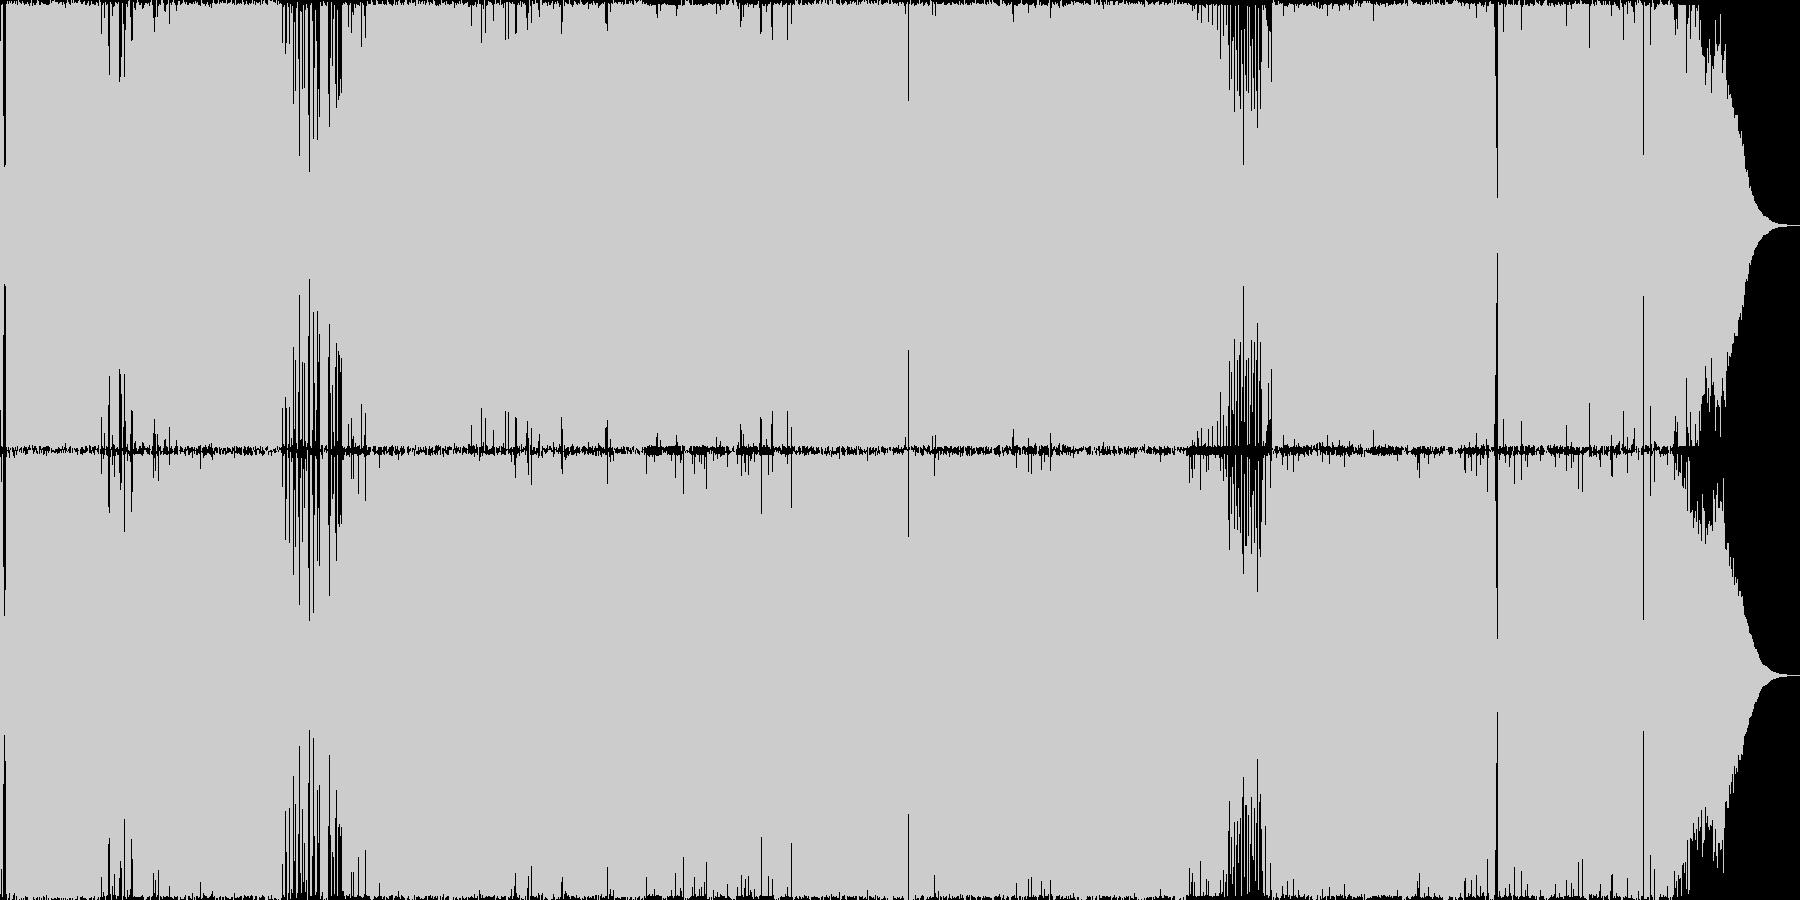 アップテンポのハードロック、ヘヴィメタルの未再生の波形